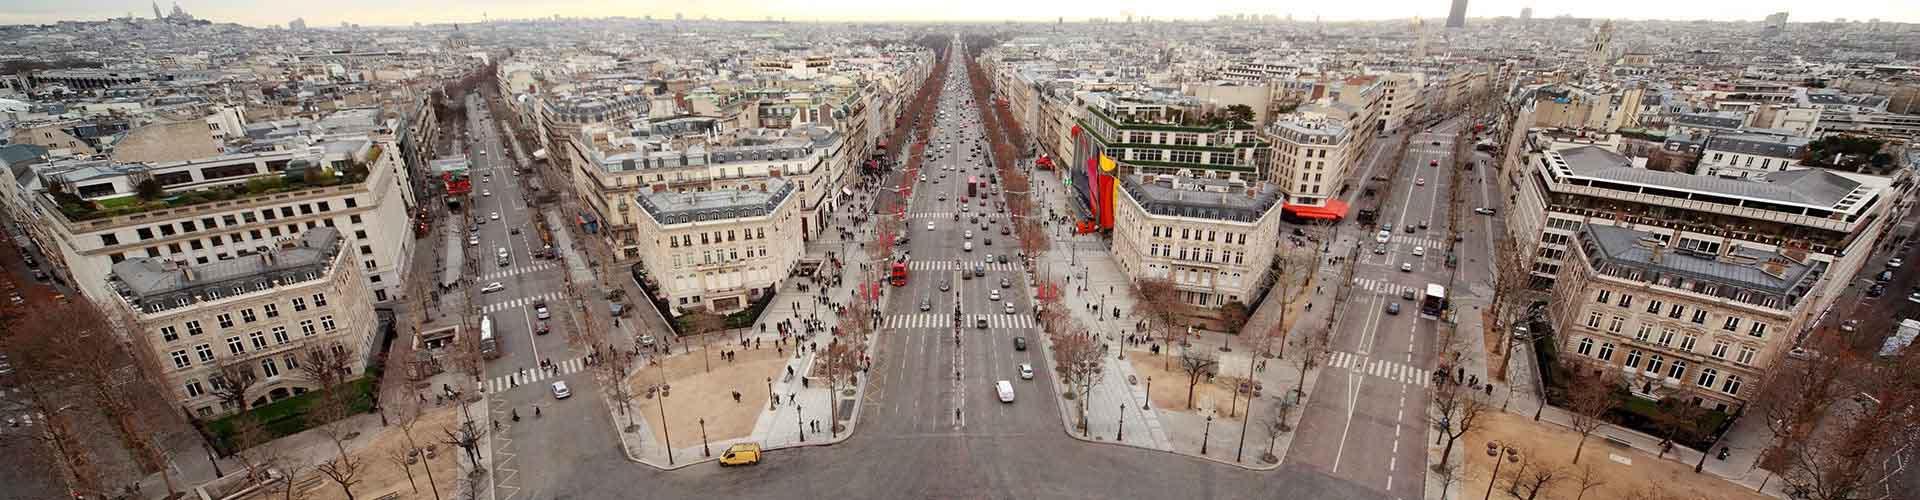 Pariisi – Hostellit lähellä Boulevard Haussmann. Pariisi -karttoja, valokuvia ja arvosteluja kaikista Pariisi -hostelleista.